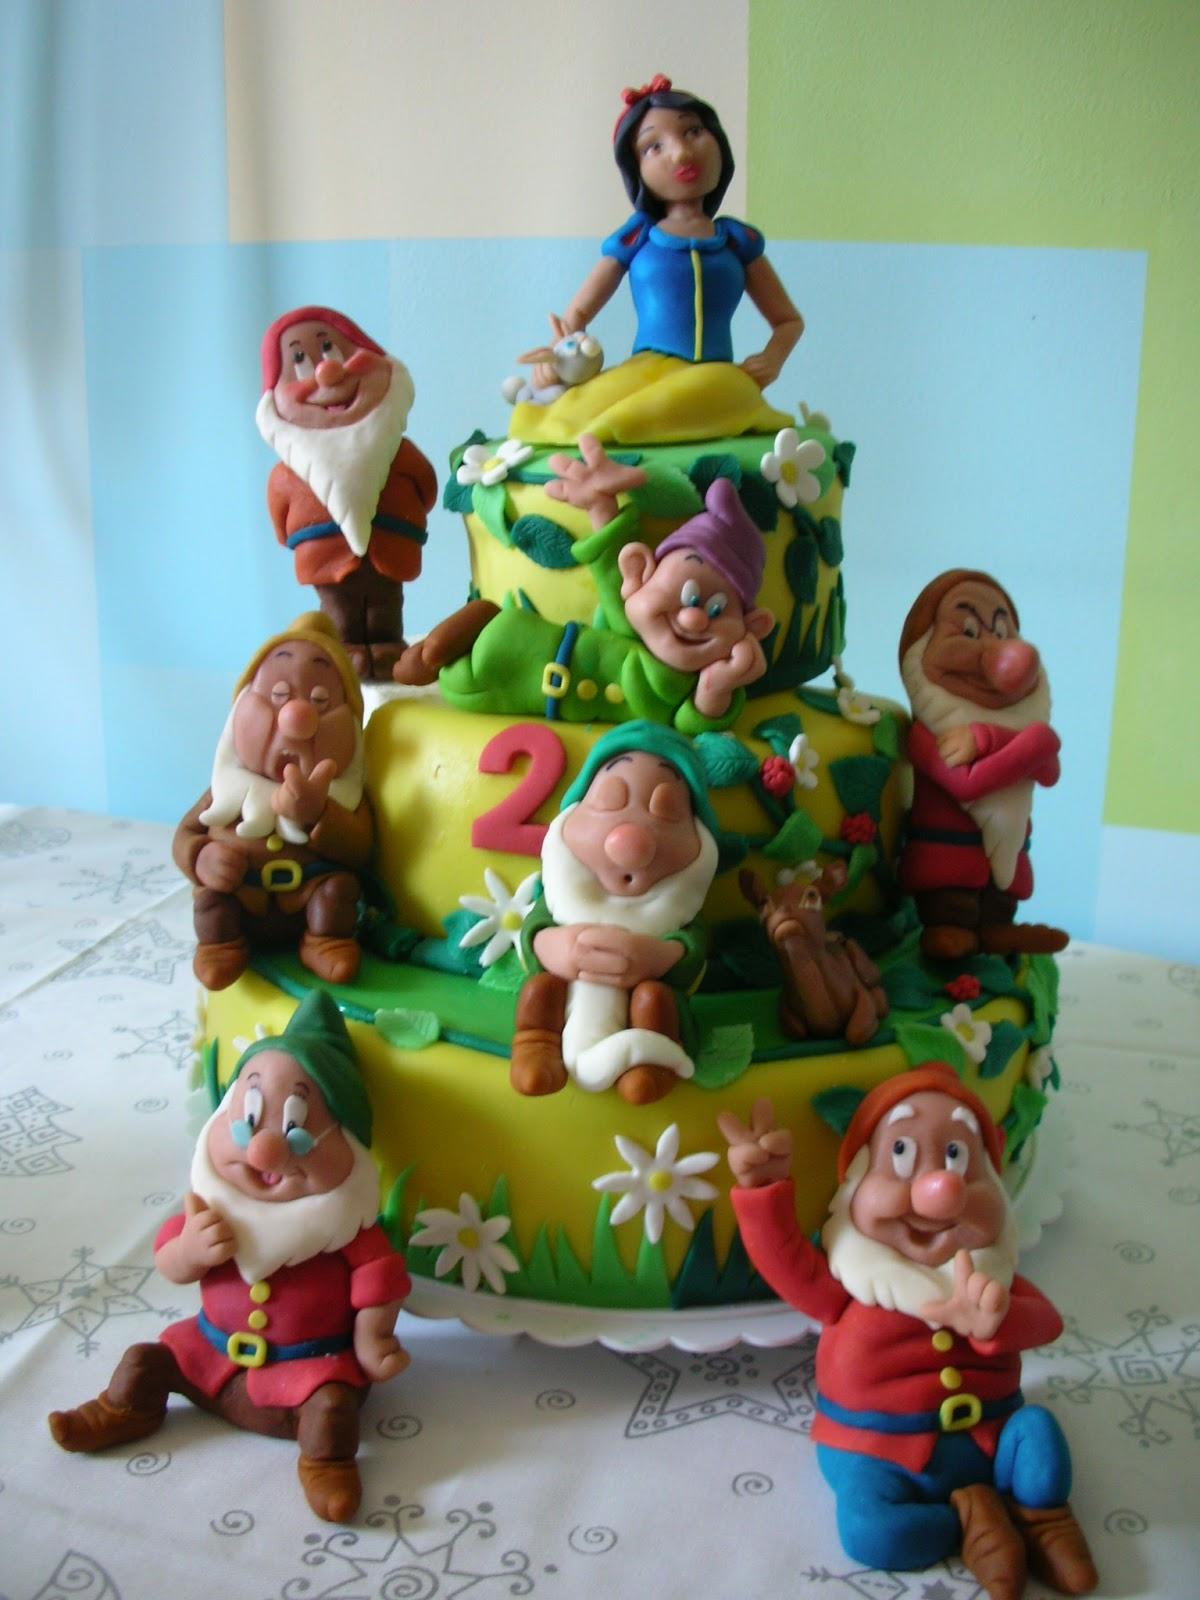 Zuccheri amo torta biancaneve e i sette nani